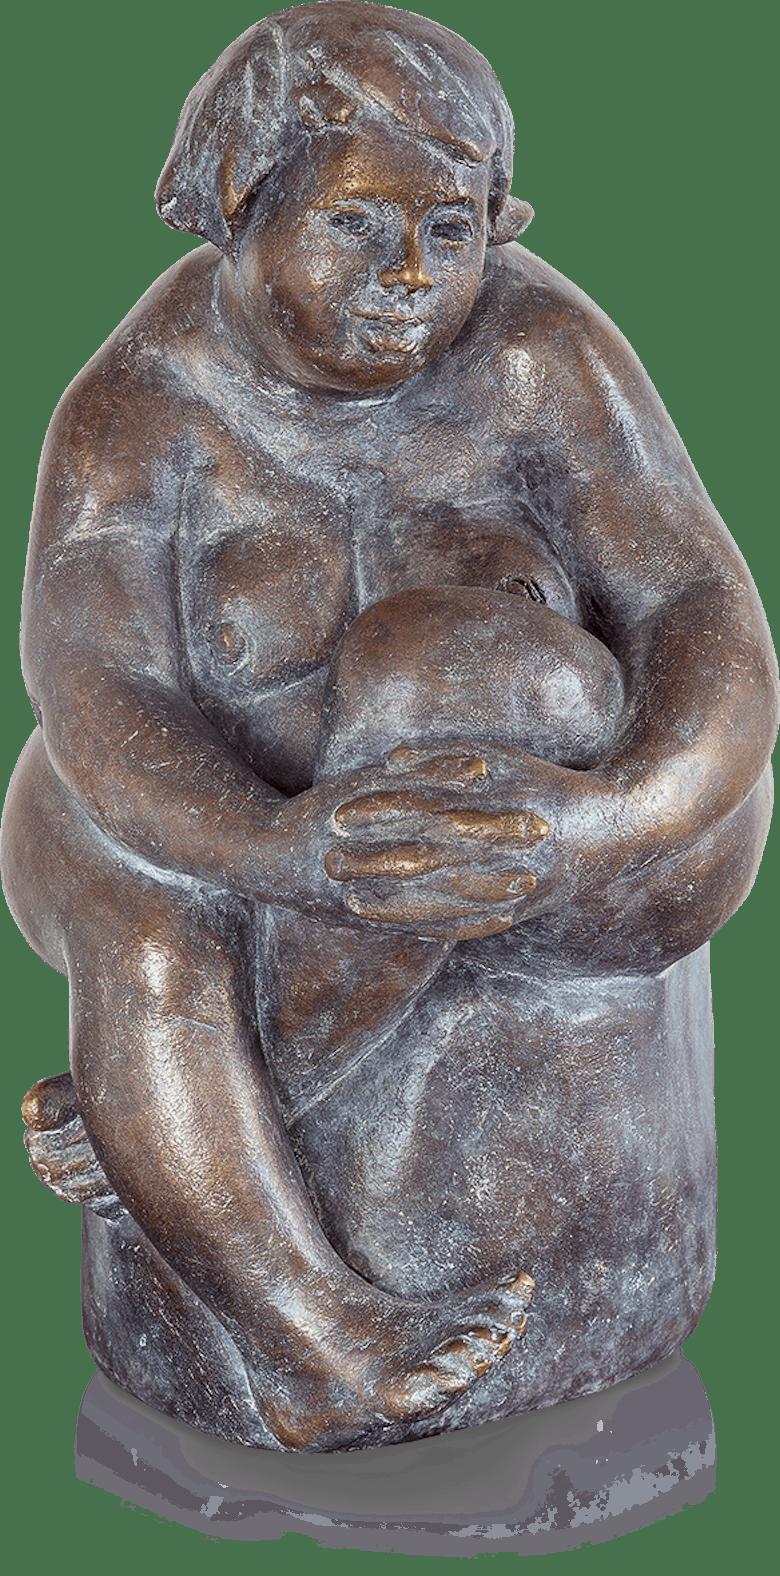 Bronzefigur Susanna von Friedhelm Zilly